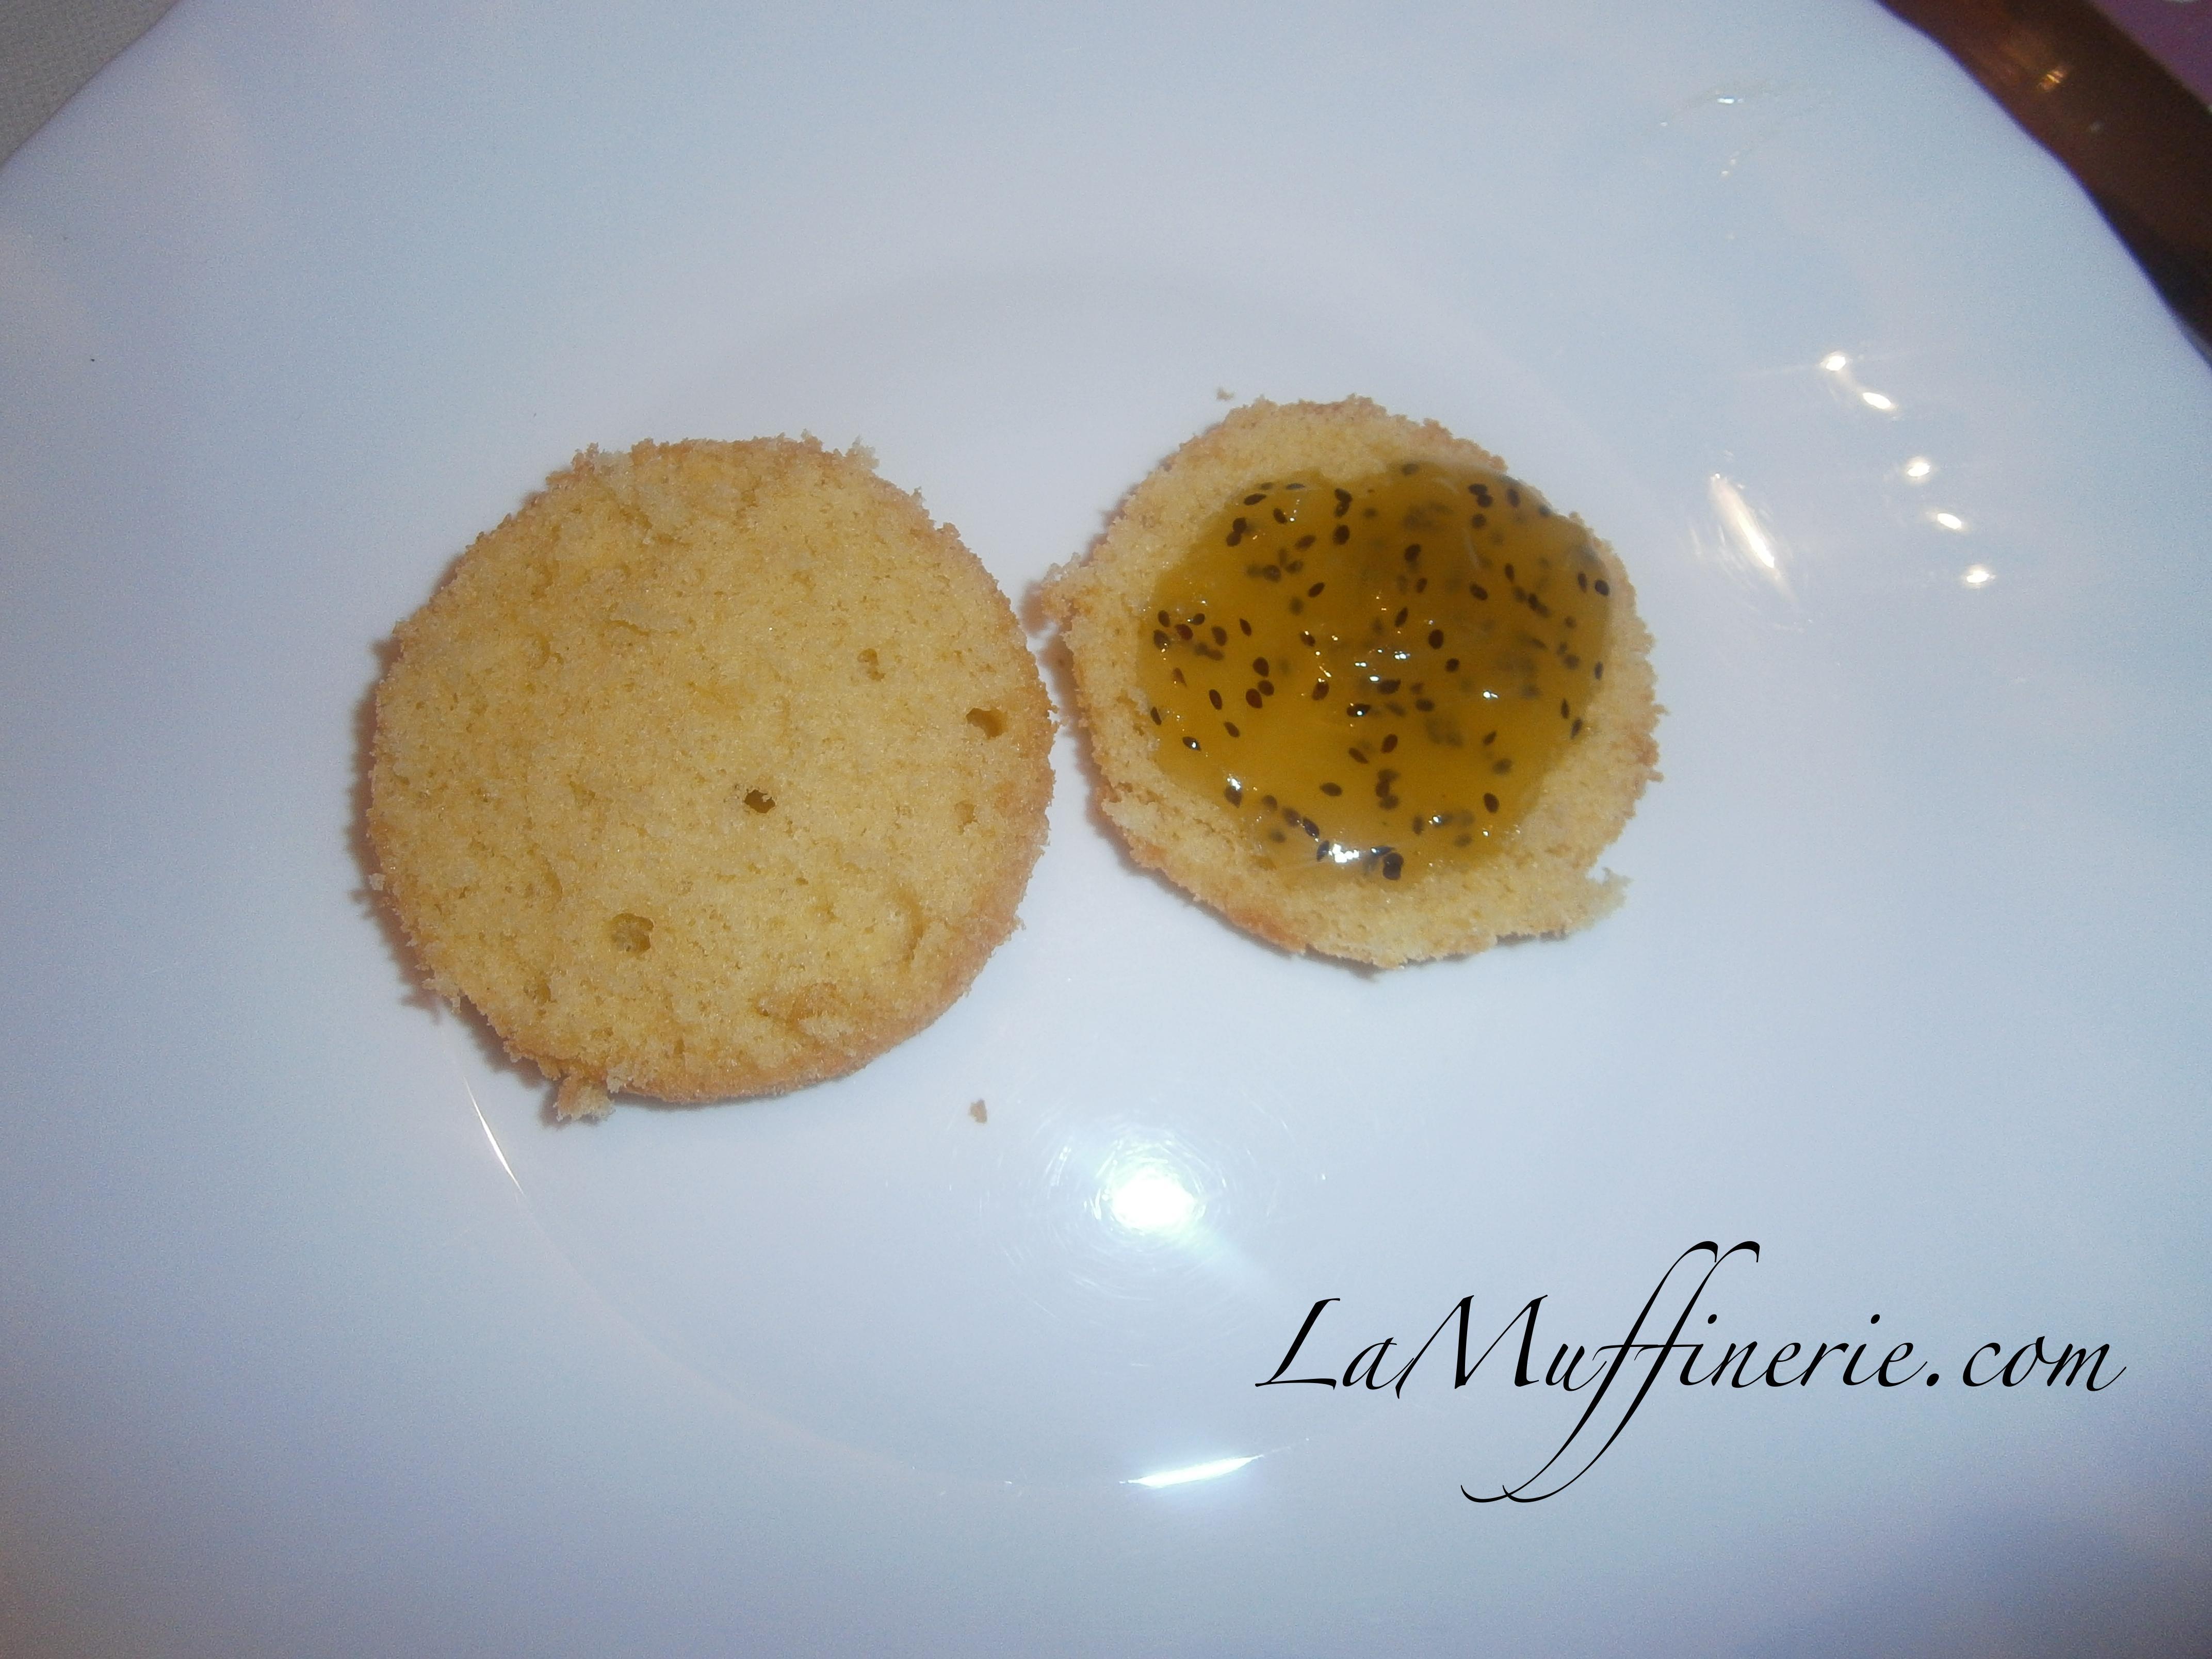 PastelitoMermelada_LaMuffinerie.com